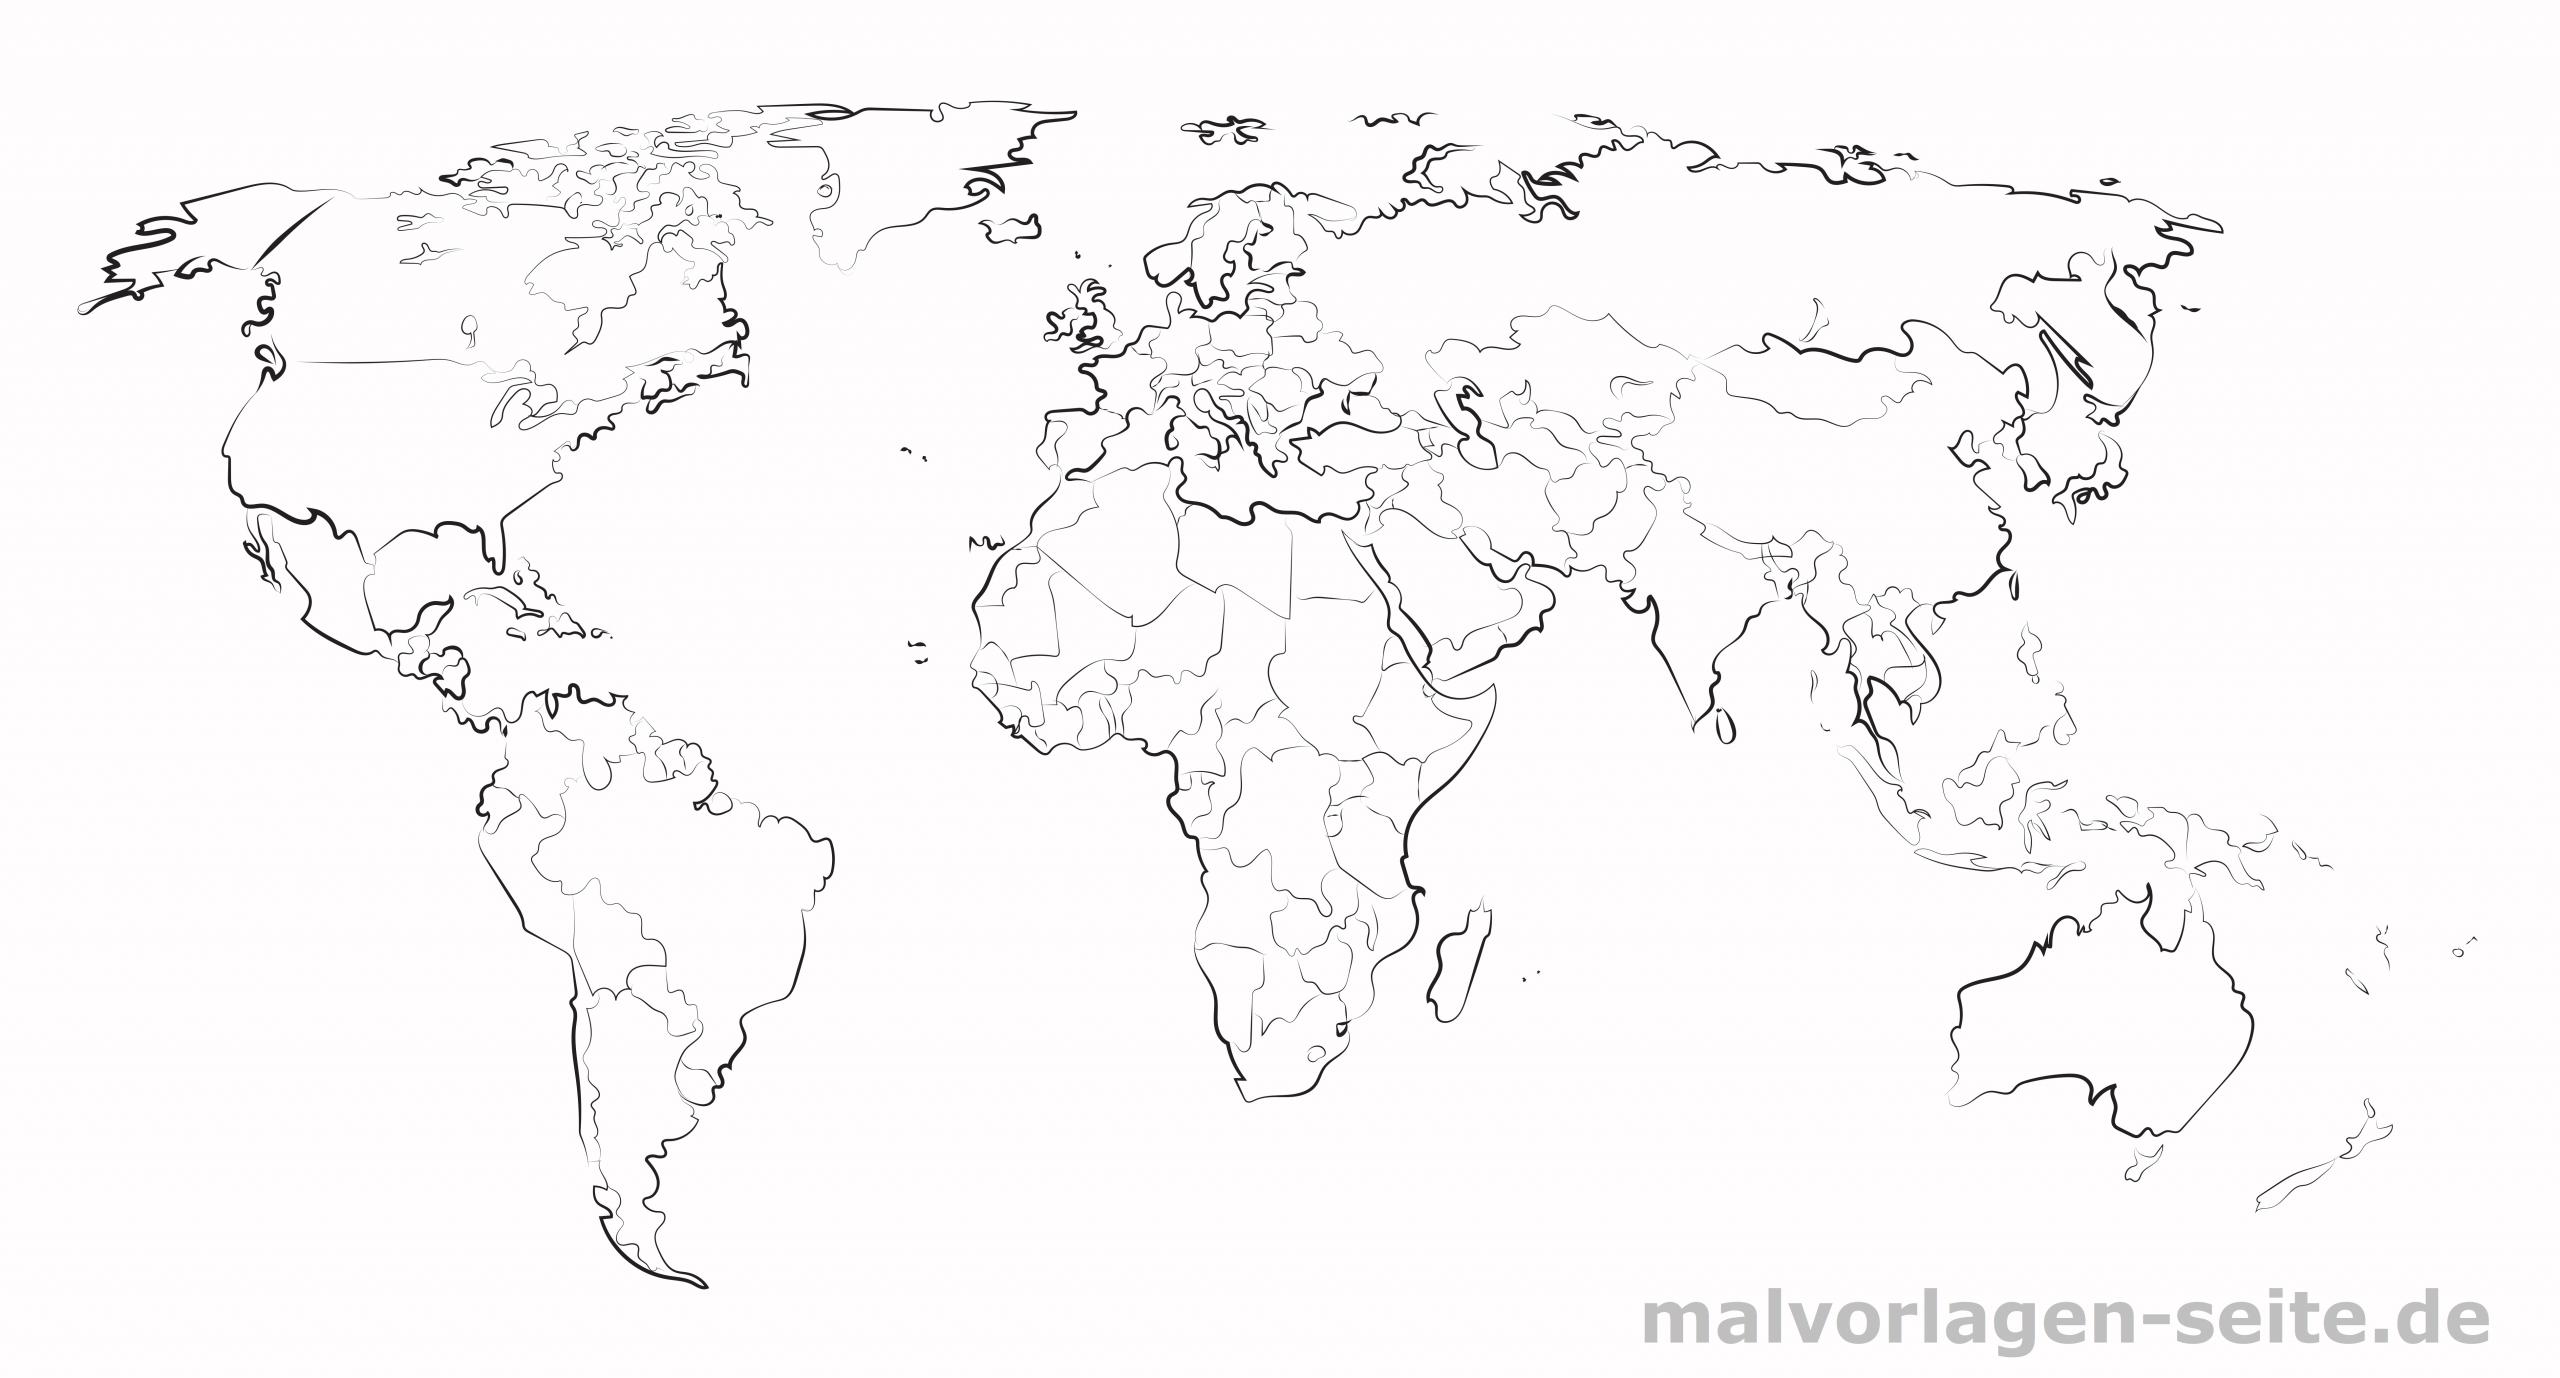 Große Weltkarte Zum Ausdrucken Und Selber Gestalten bestimmt für Weltkarte Umrisse